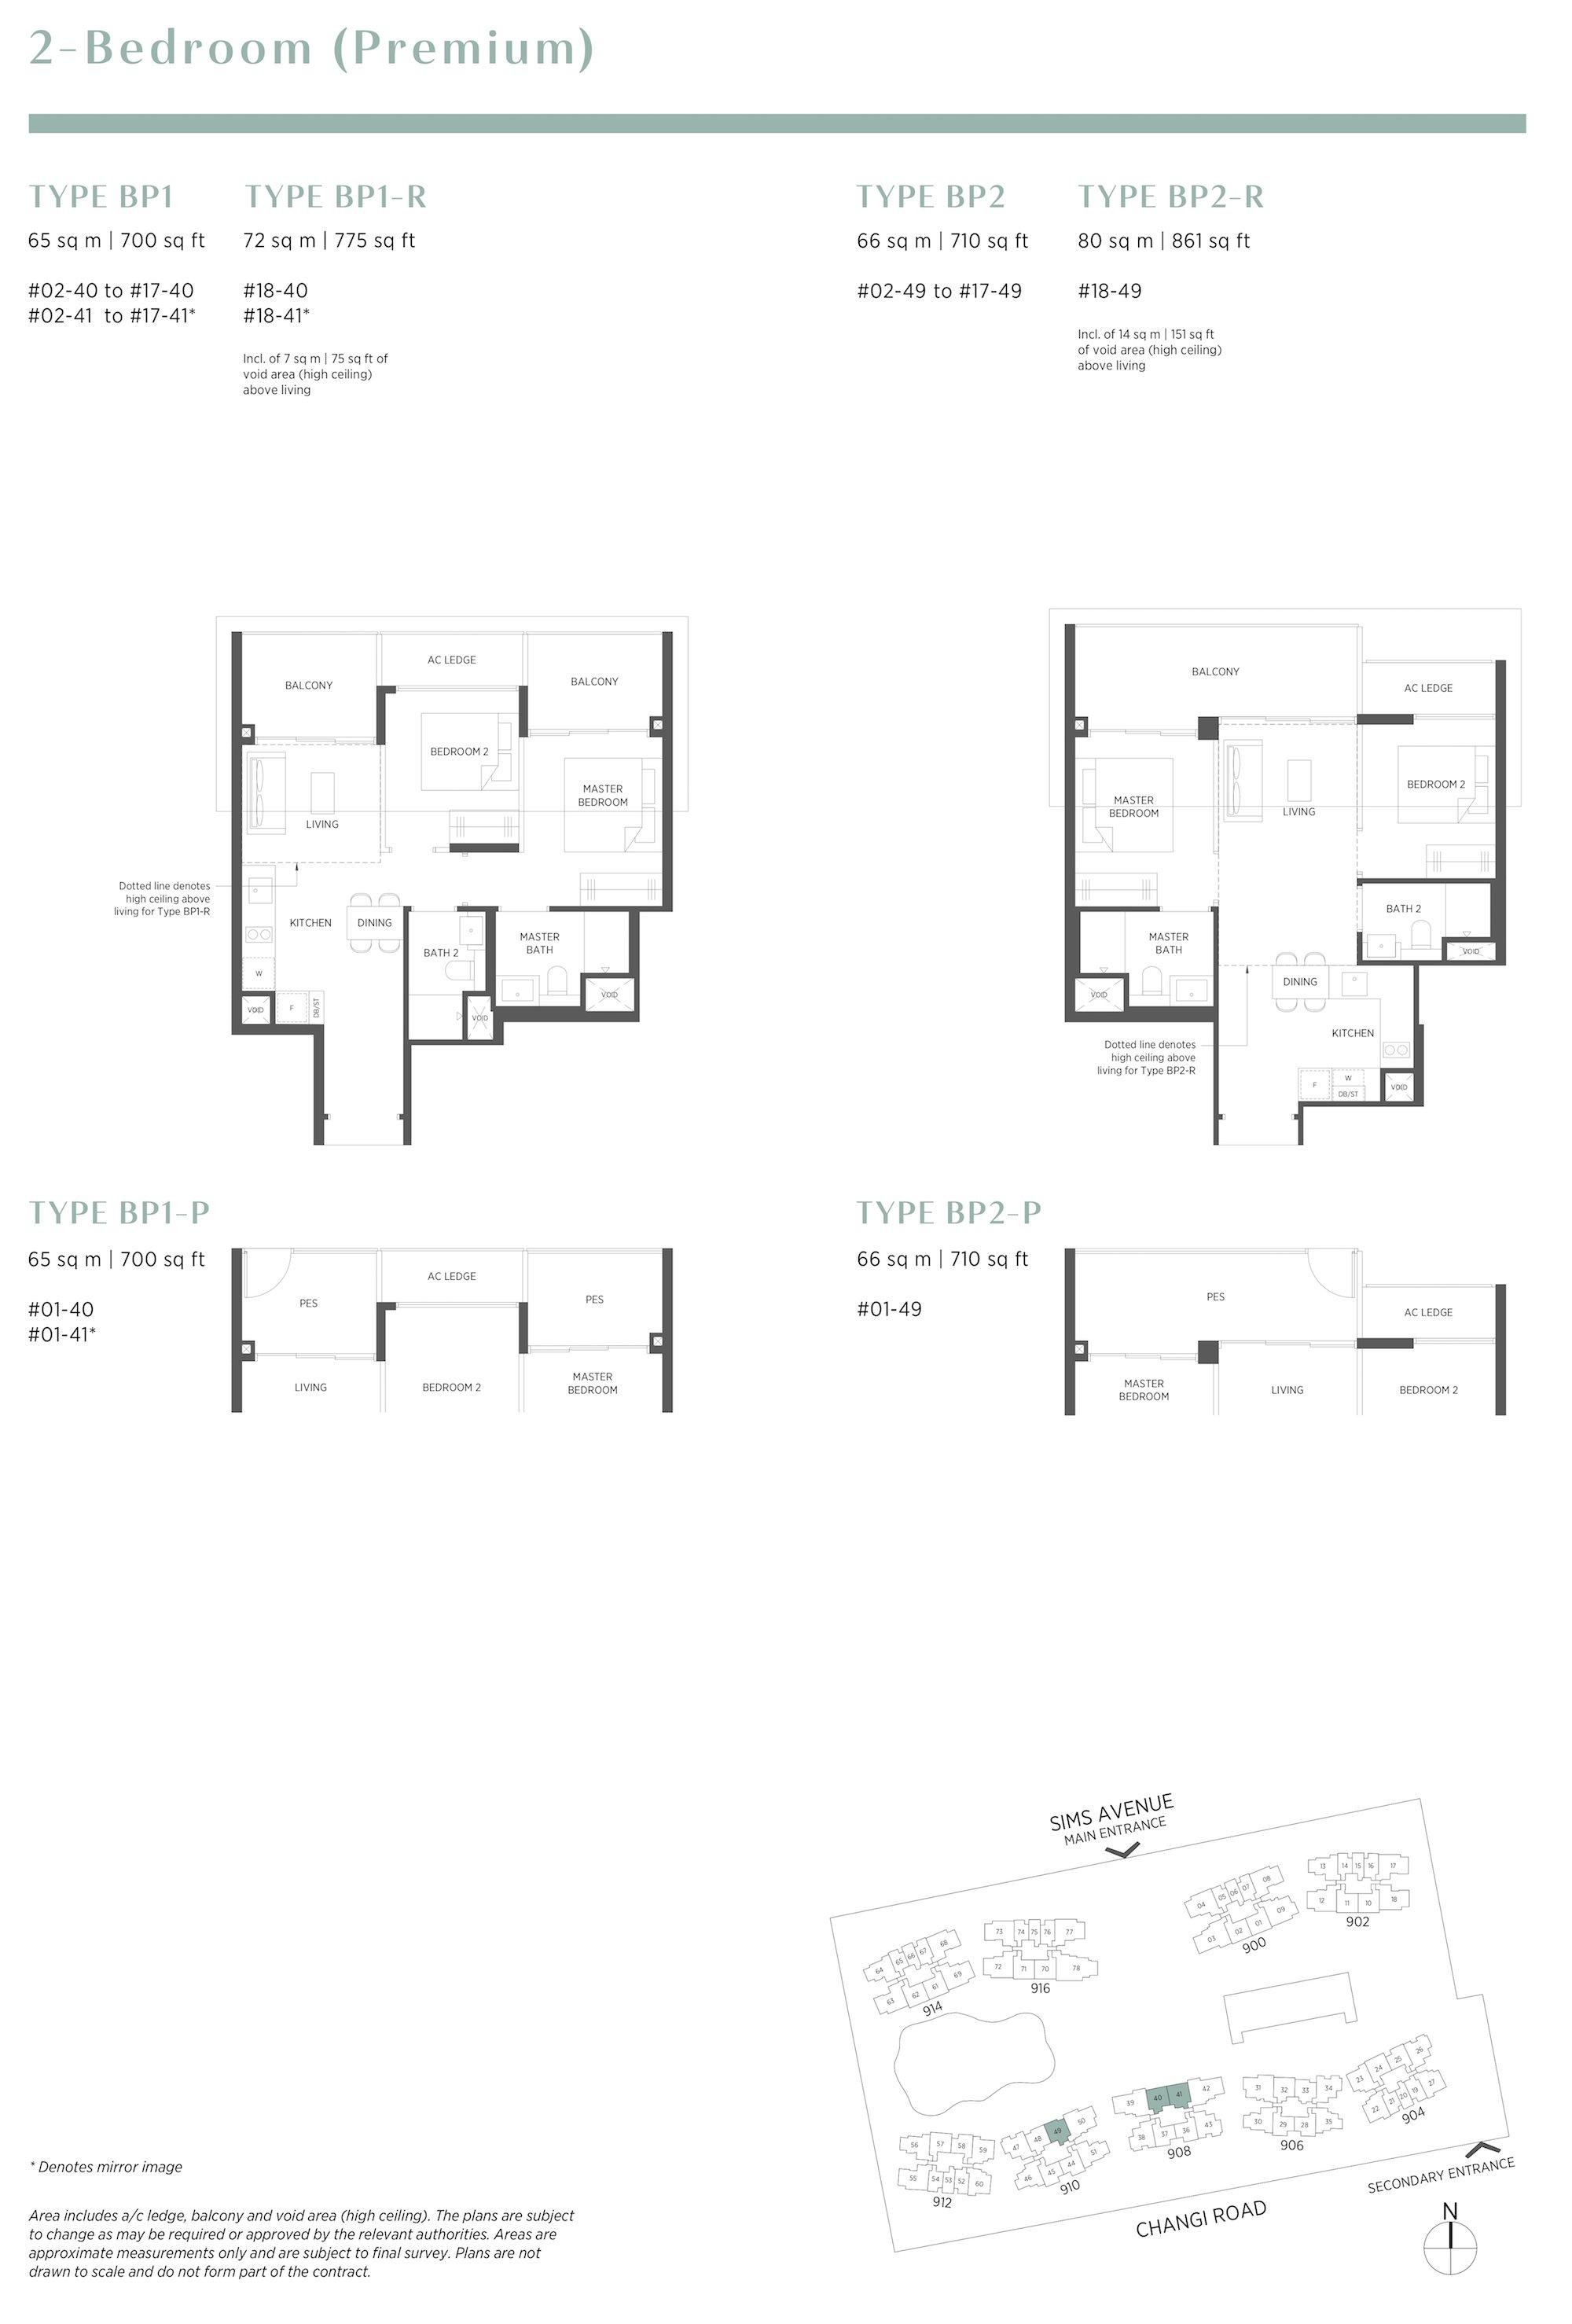 Parc Esta 东景苑 2 bedroom premium 2卧房优质 BP1 BP2